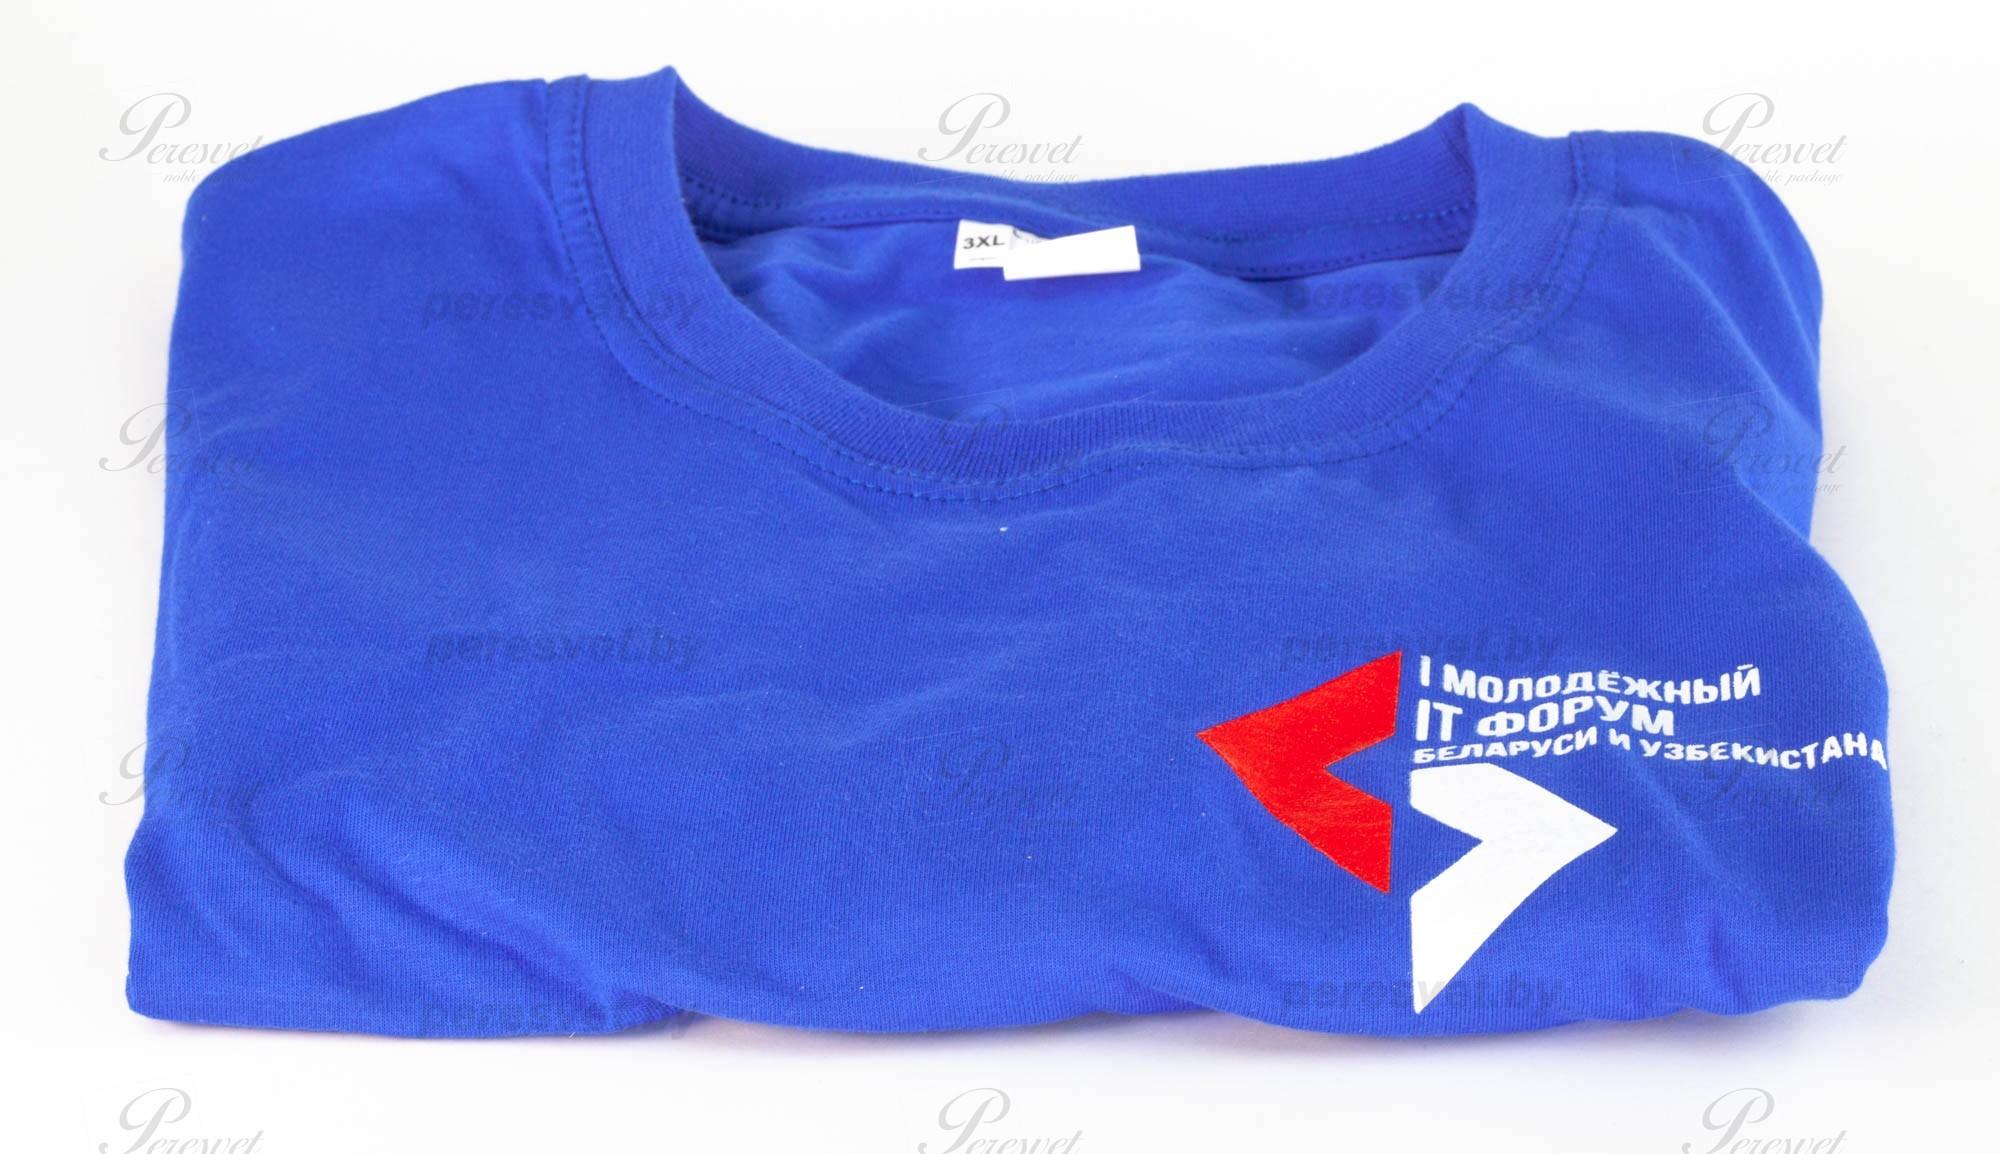 Нанесение шелкографии на футболку на peresvet.by